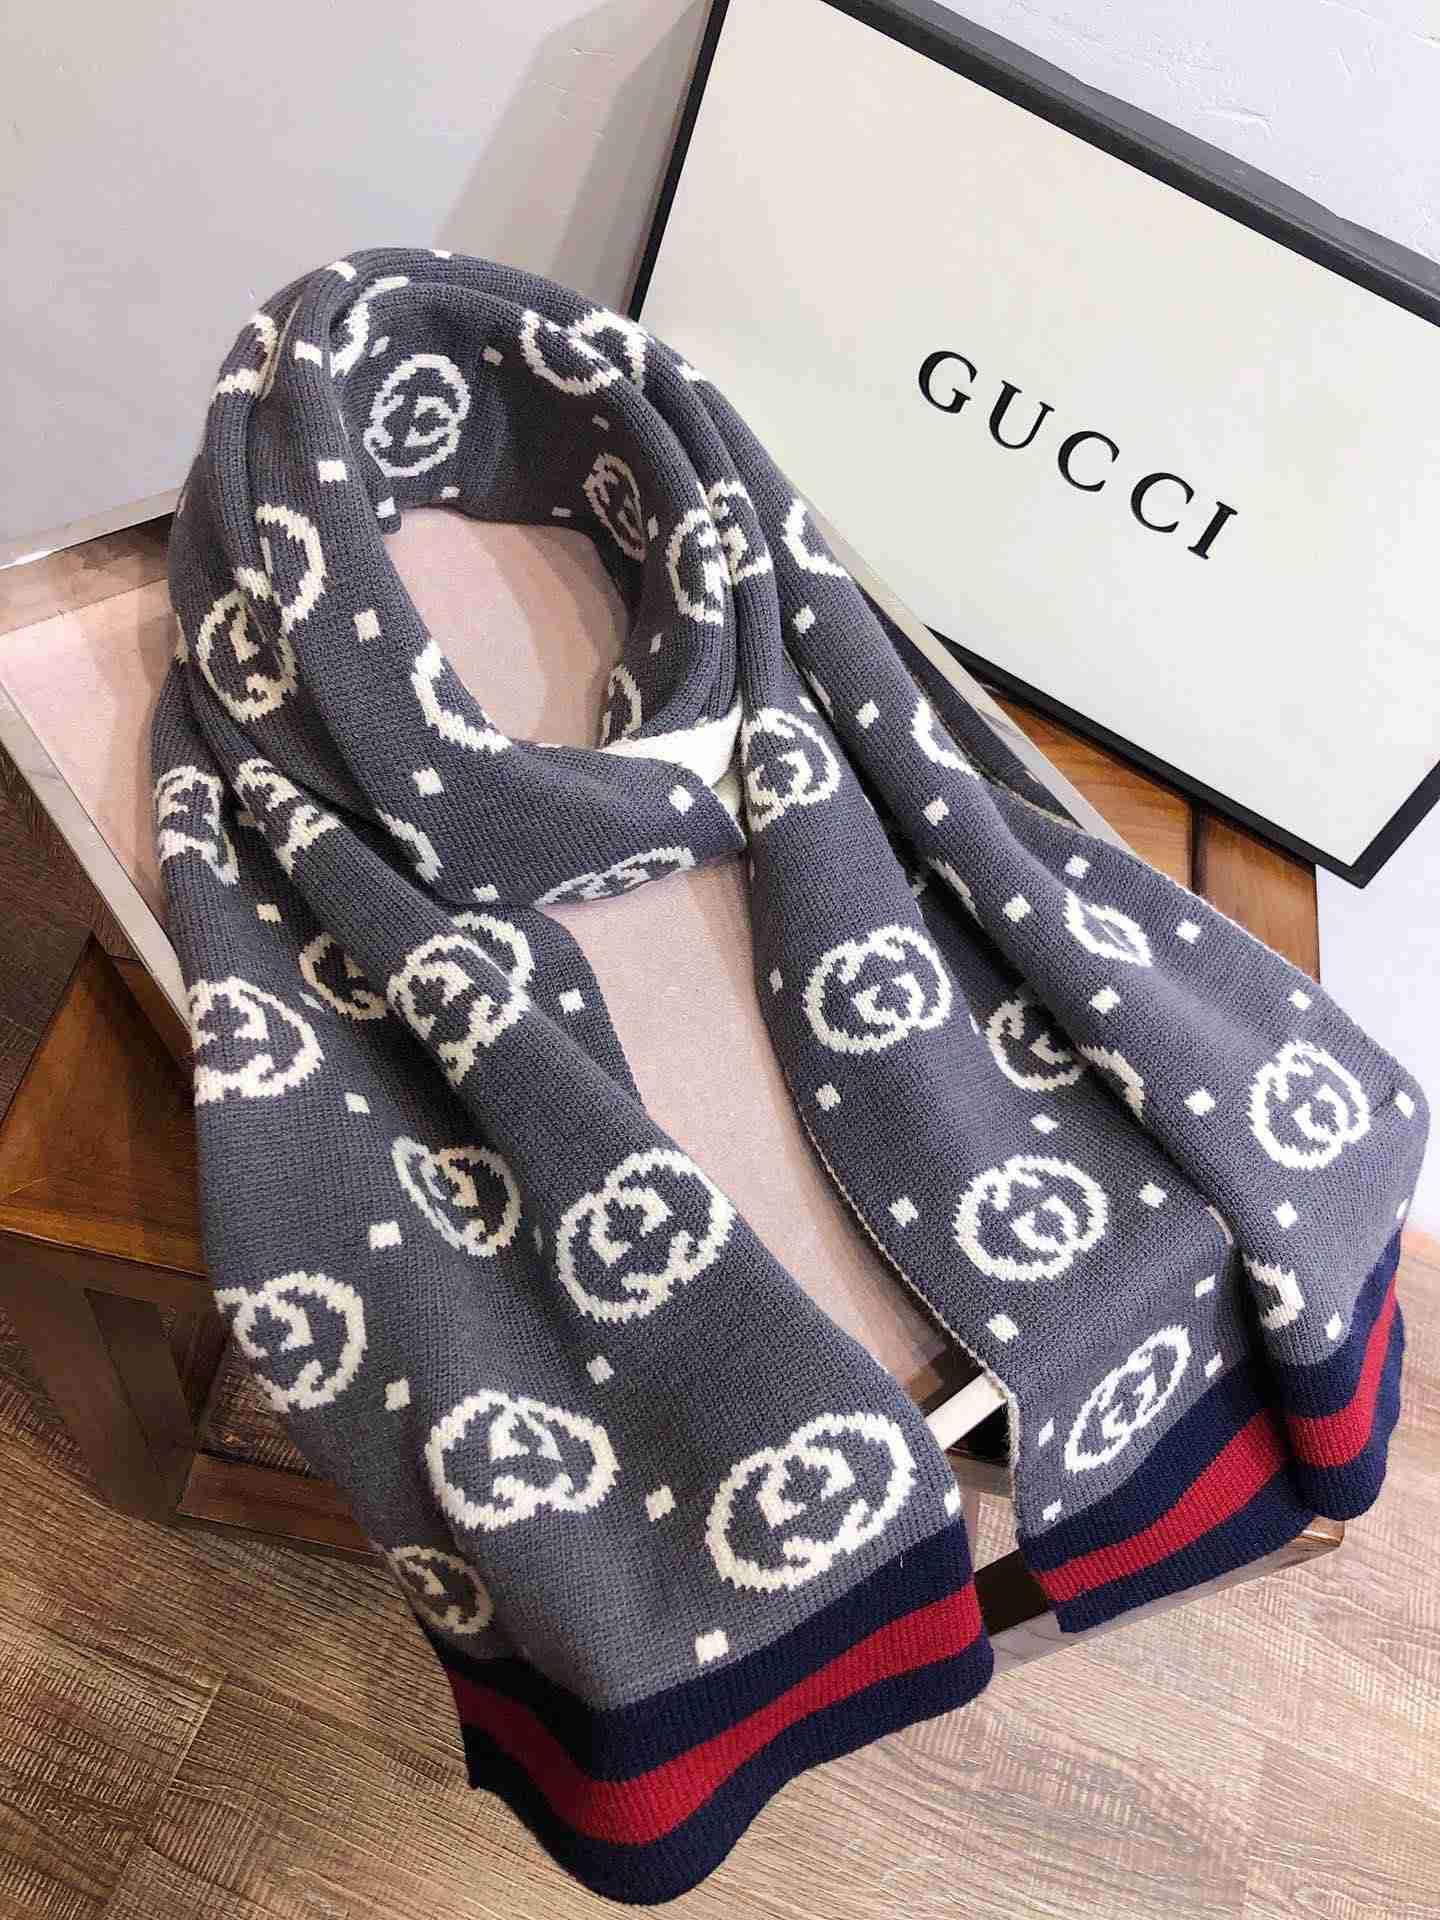 lettera sciarpa all'ingrosso stile di design autunno e la sciarpa di inverno uomini e donne scialle di lana sciarpa 180X30CM echarpe cachecol maglia hijab moda